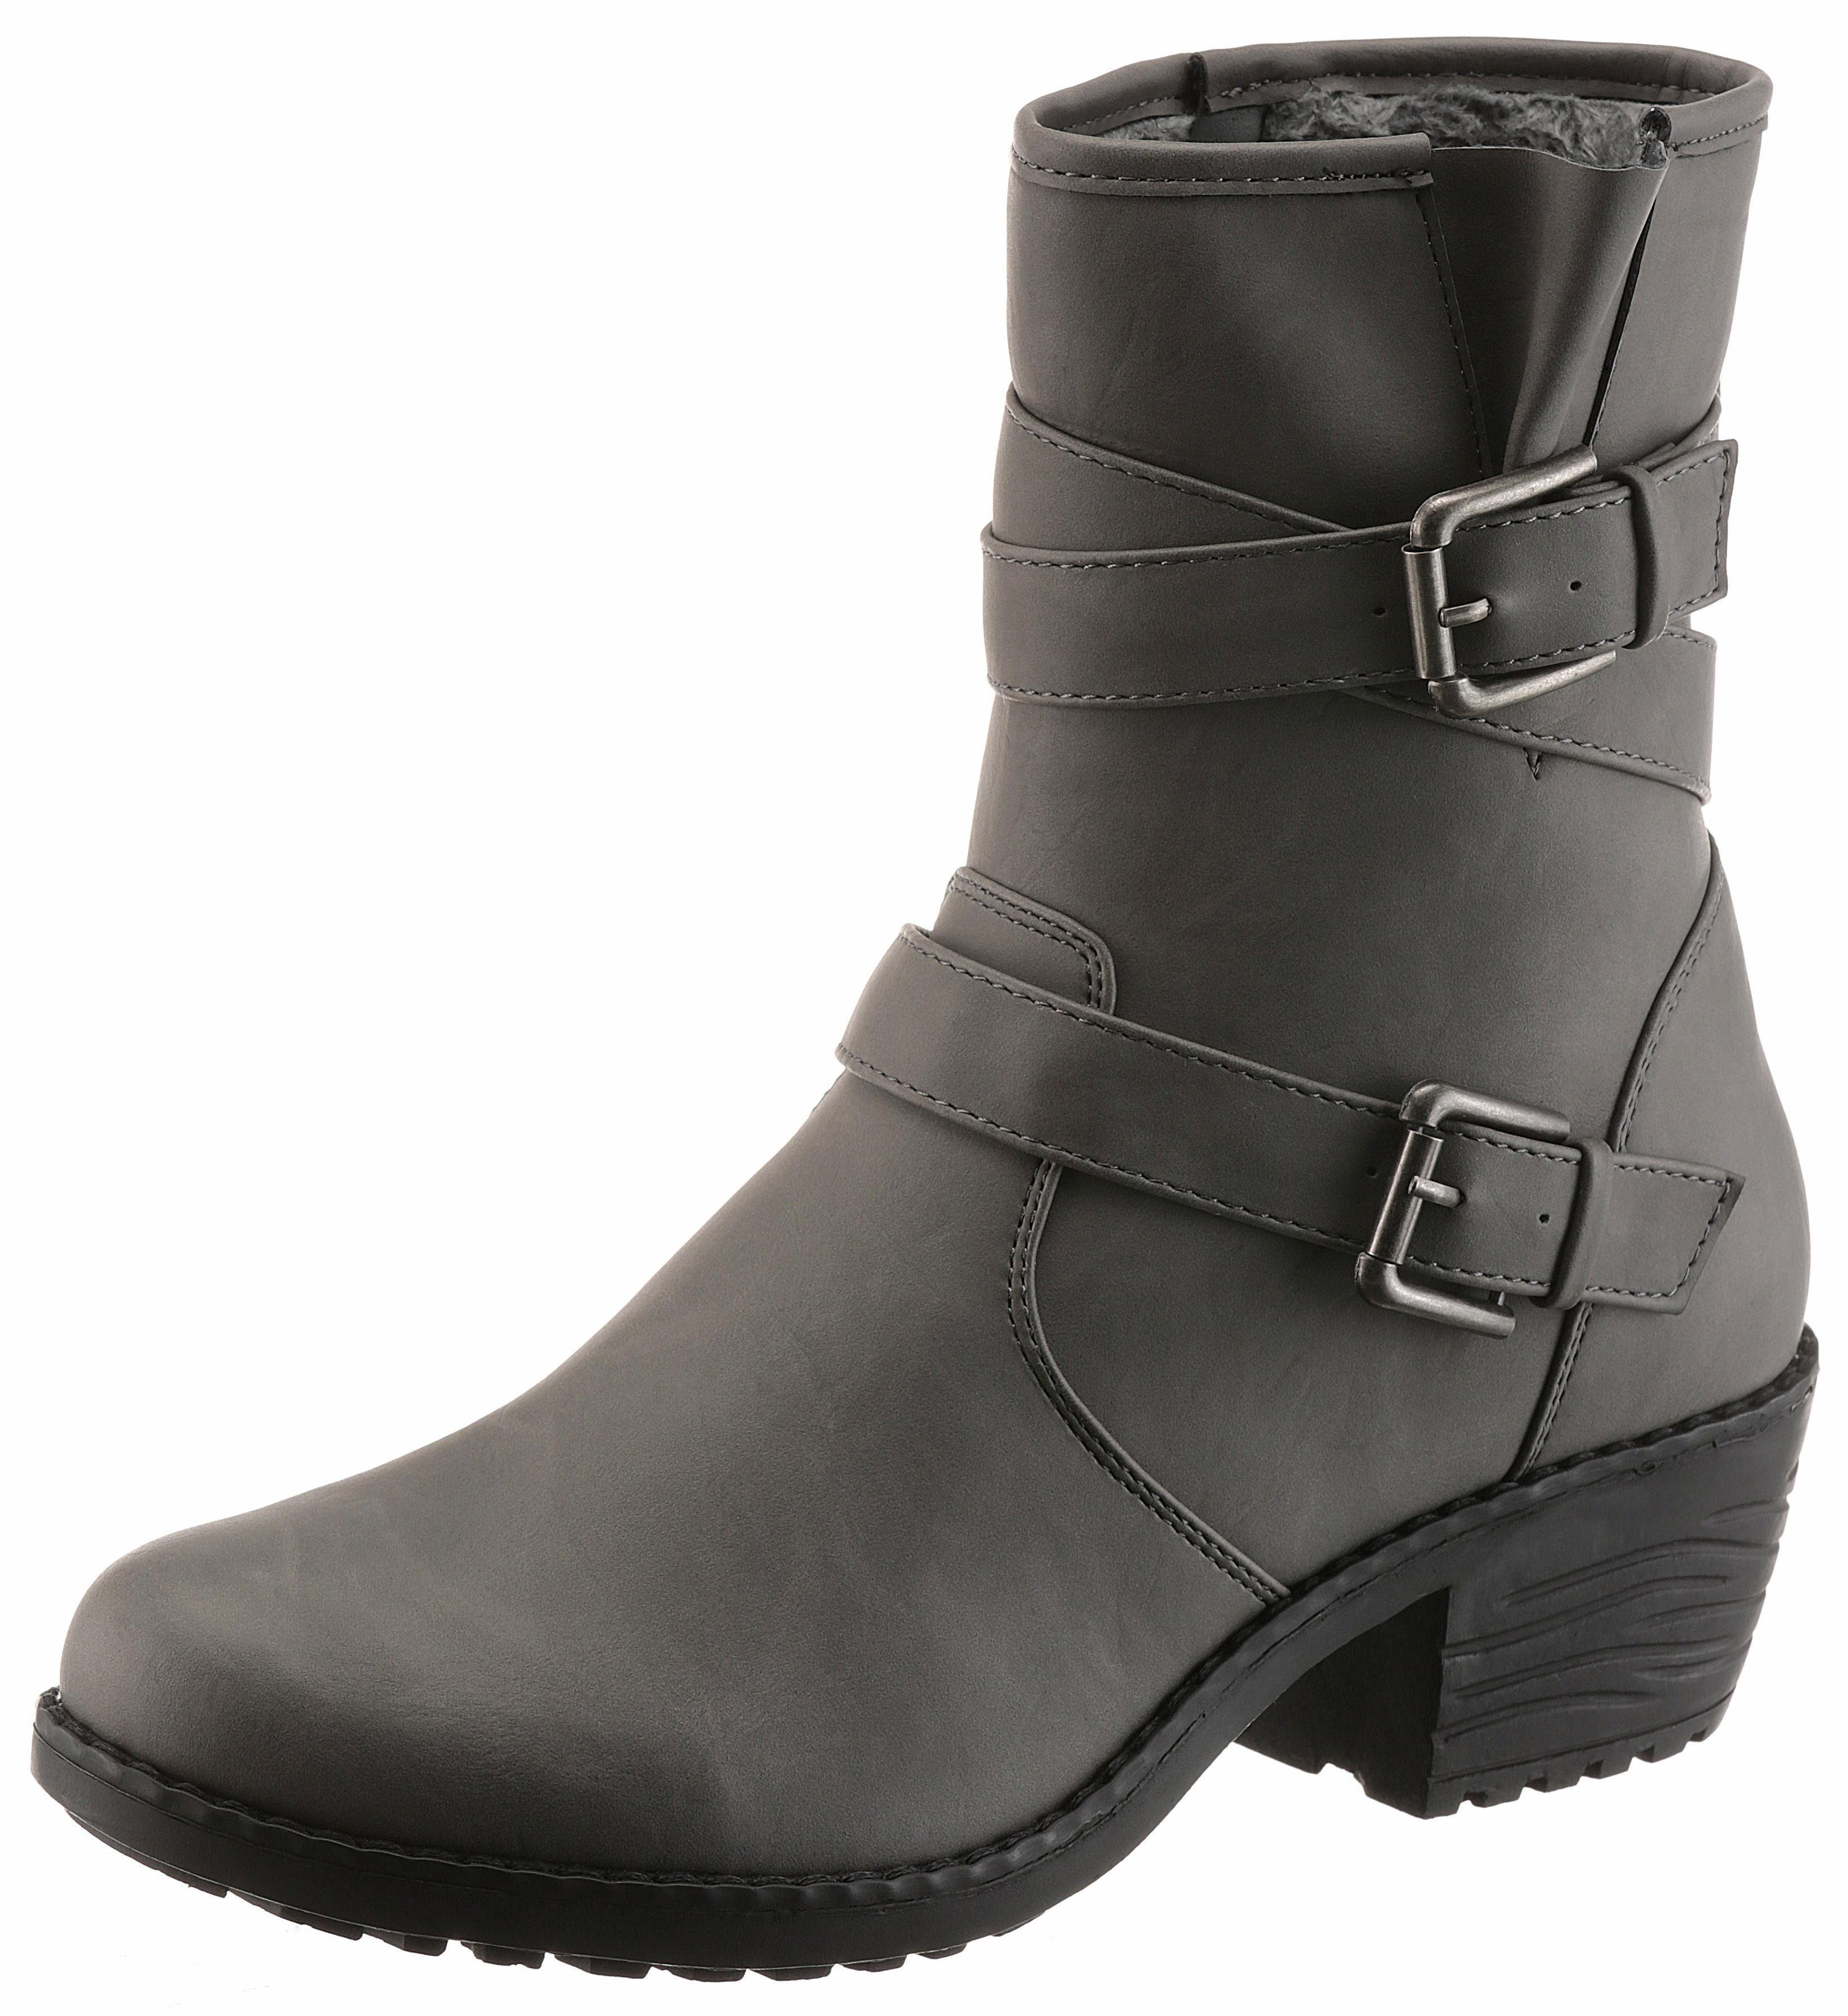 CITY WALK Stiefel, mit modischen Raffungen, schwarz, EURO-Größen, schwarz